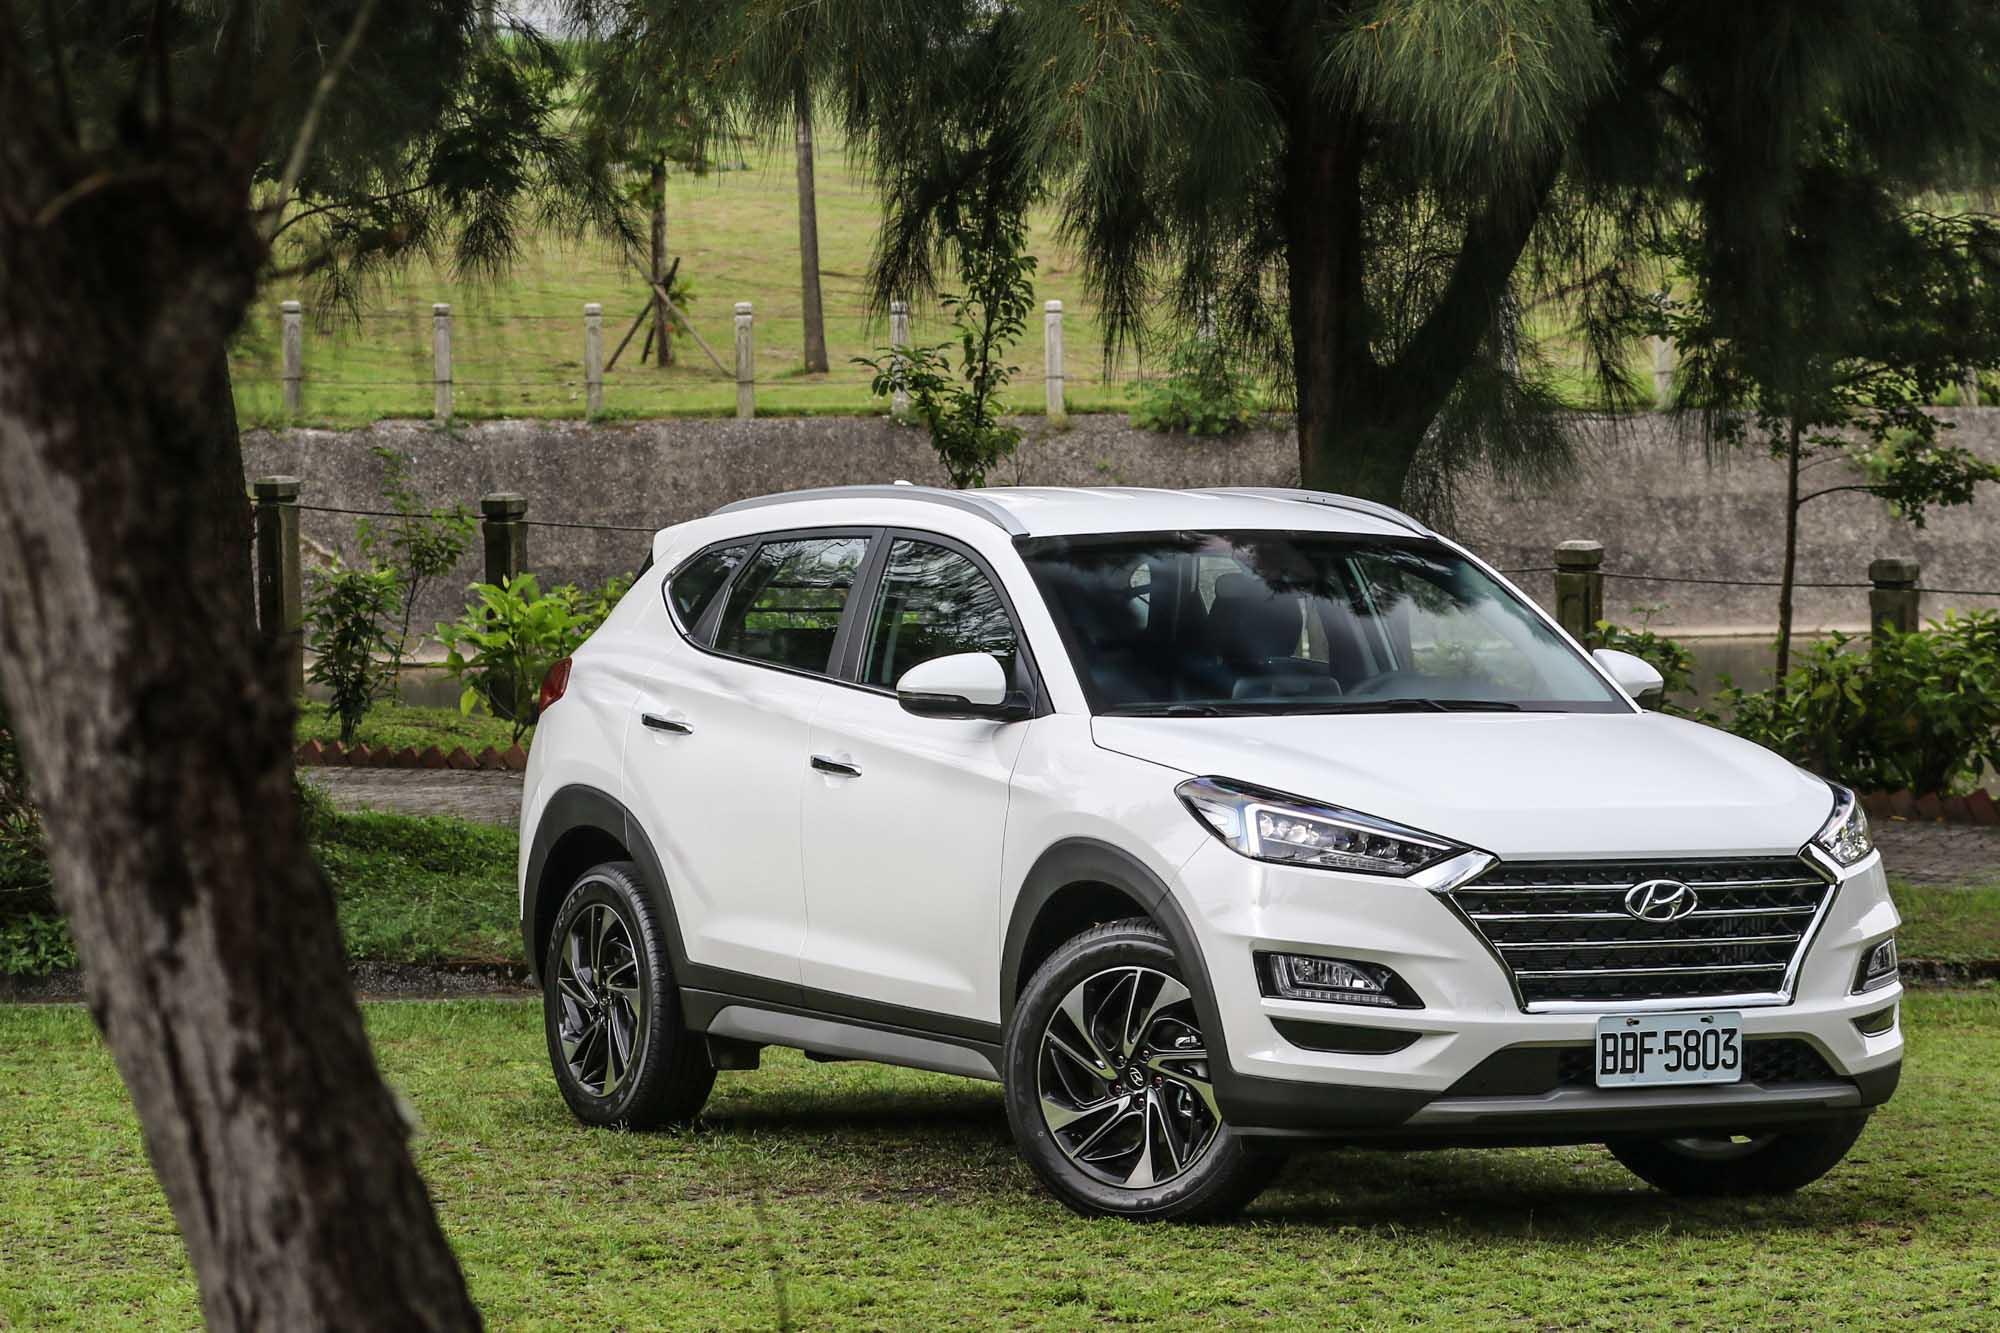 此次試駕車型為 Hyundai 小改款的 Tucson 尊爵型車款,售價為 99.9 萬元。